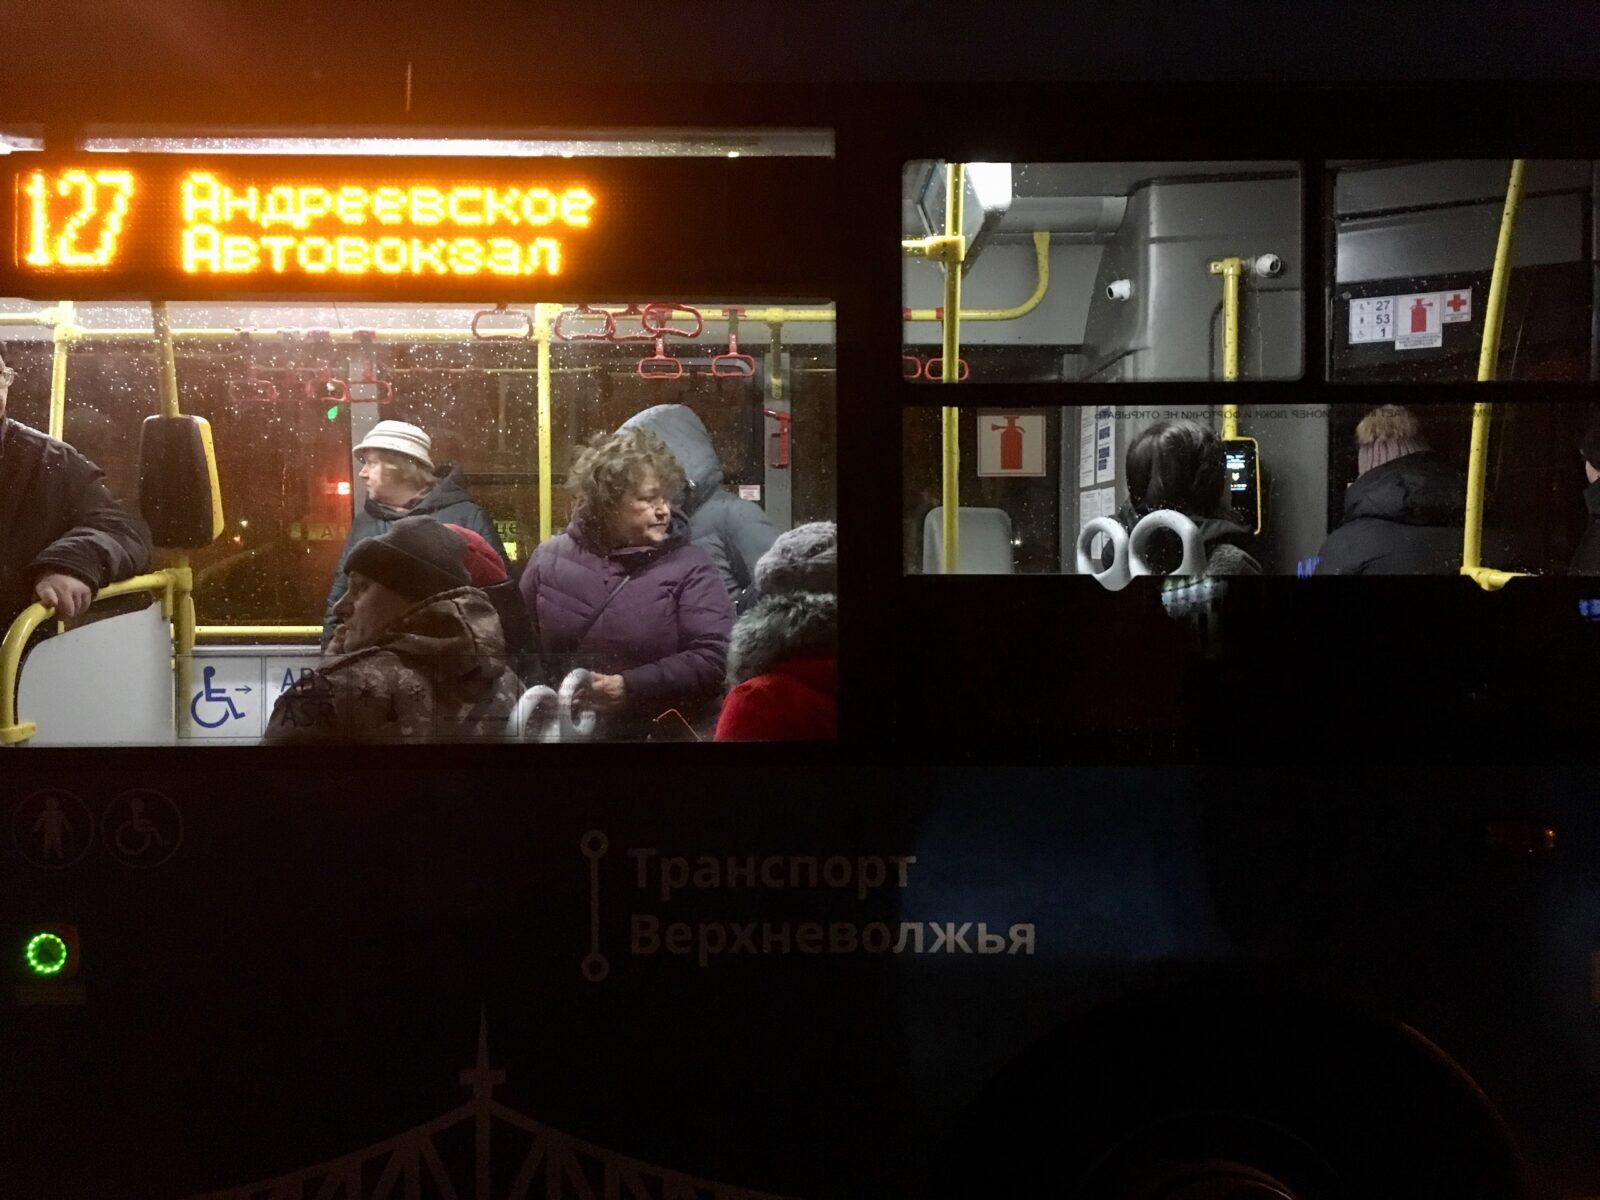 Завершился первый день работы новой транспортной системы в Твери